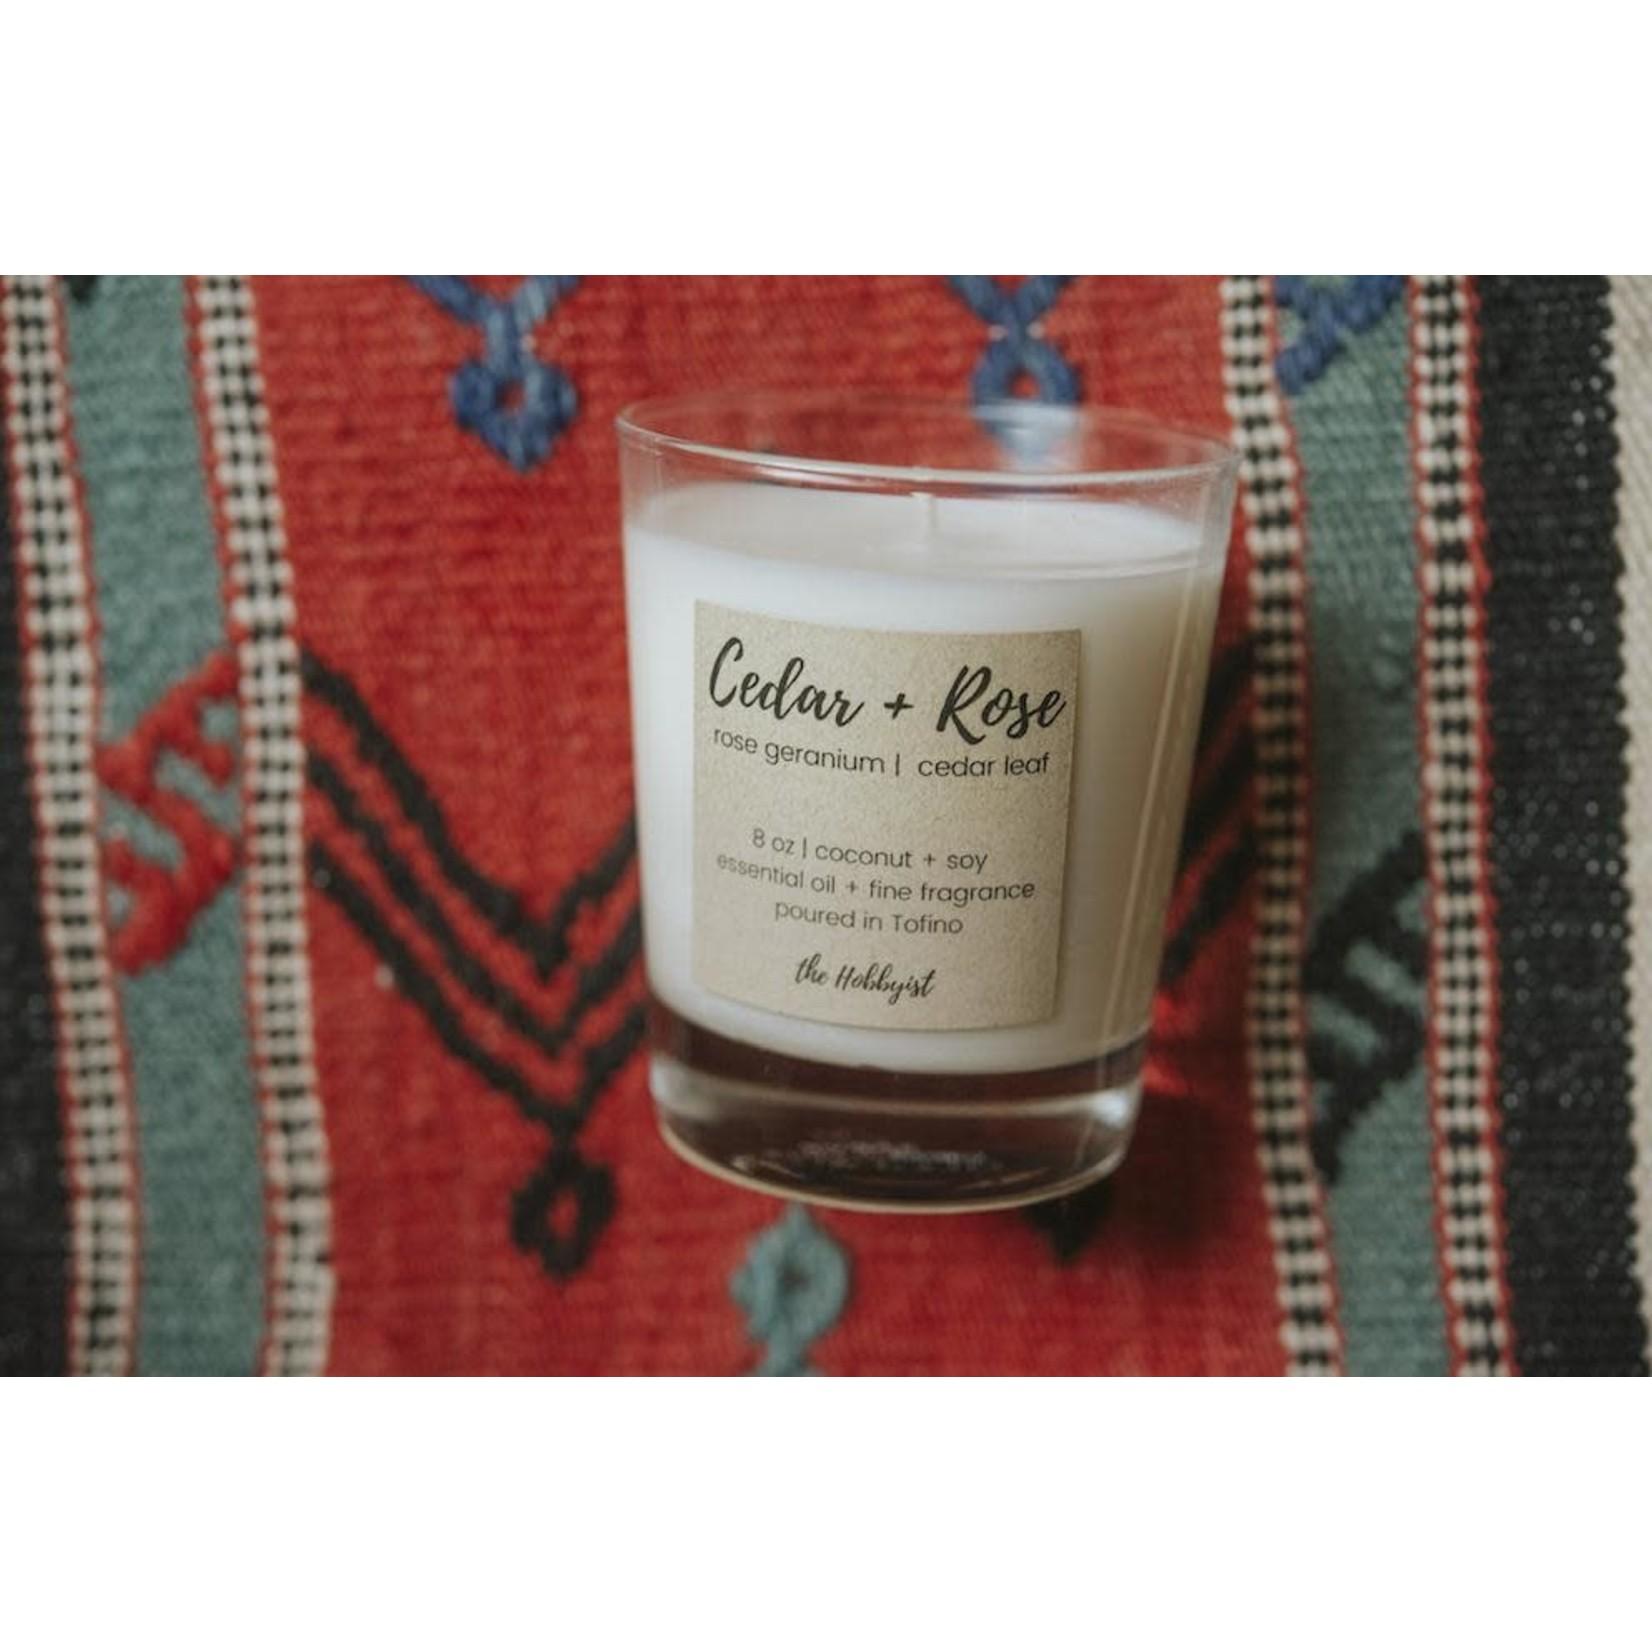 The Hobbyist Cedar + Rose Candle